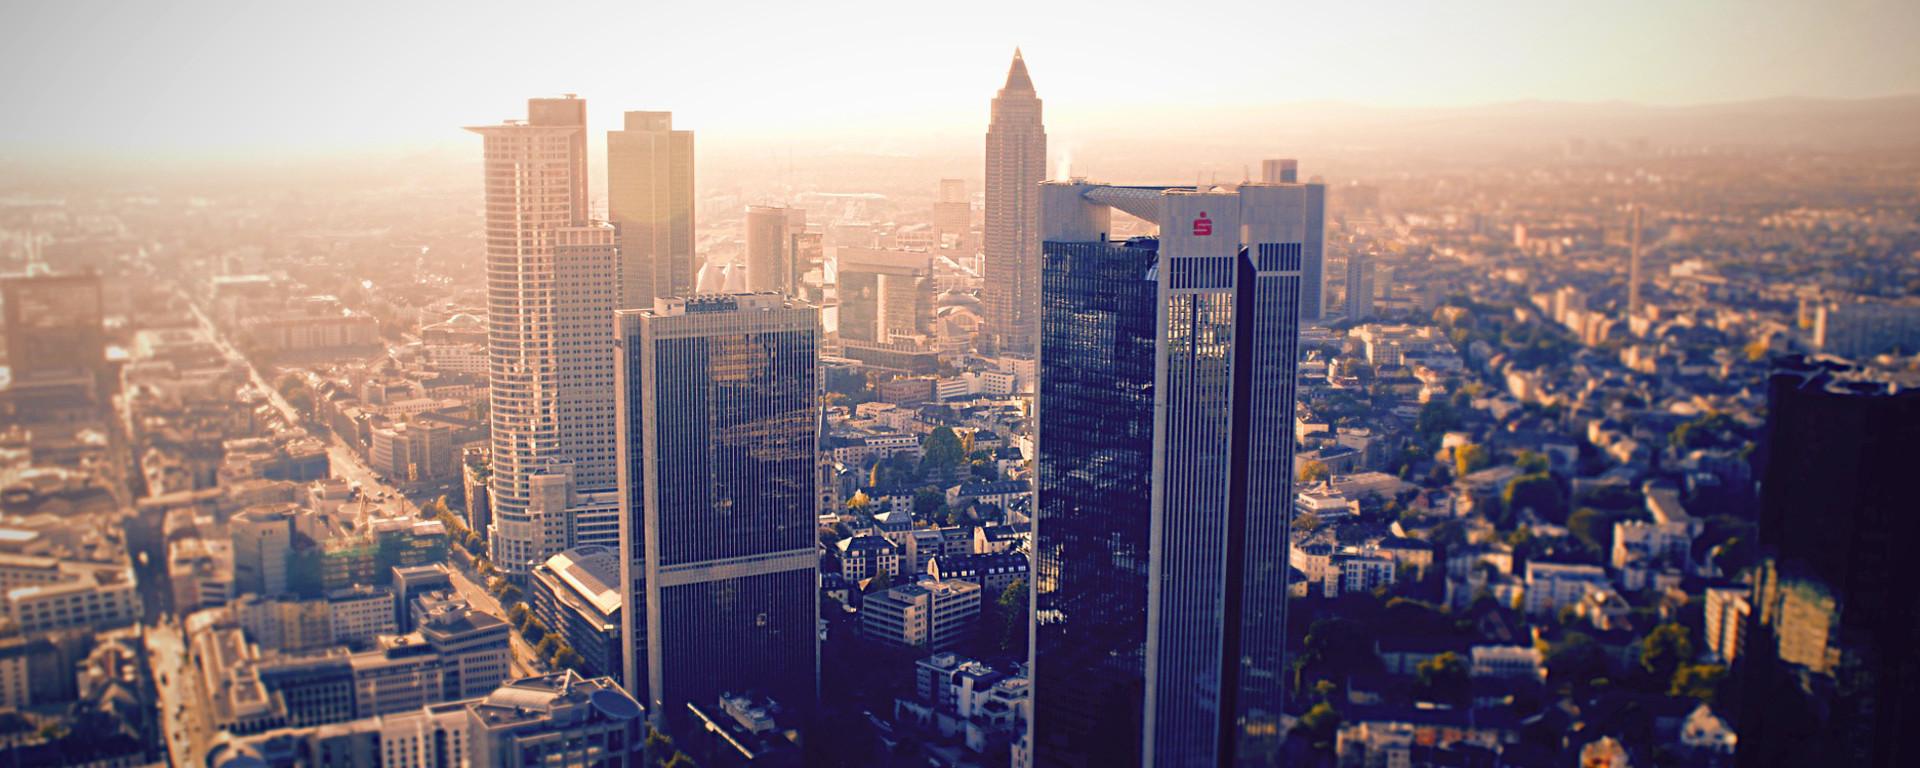 Genießen Sie in der Rooftop-Sauna & Wellness-Oase des SAVOY Hotel Frankfurt die Skyline der Mainmetropole.Blick auf